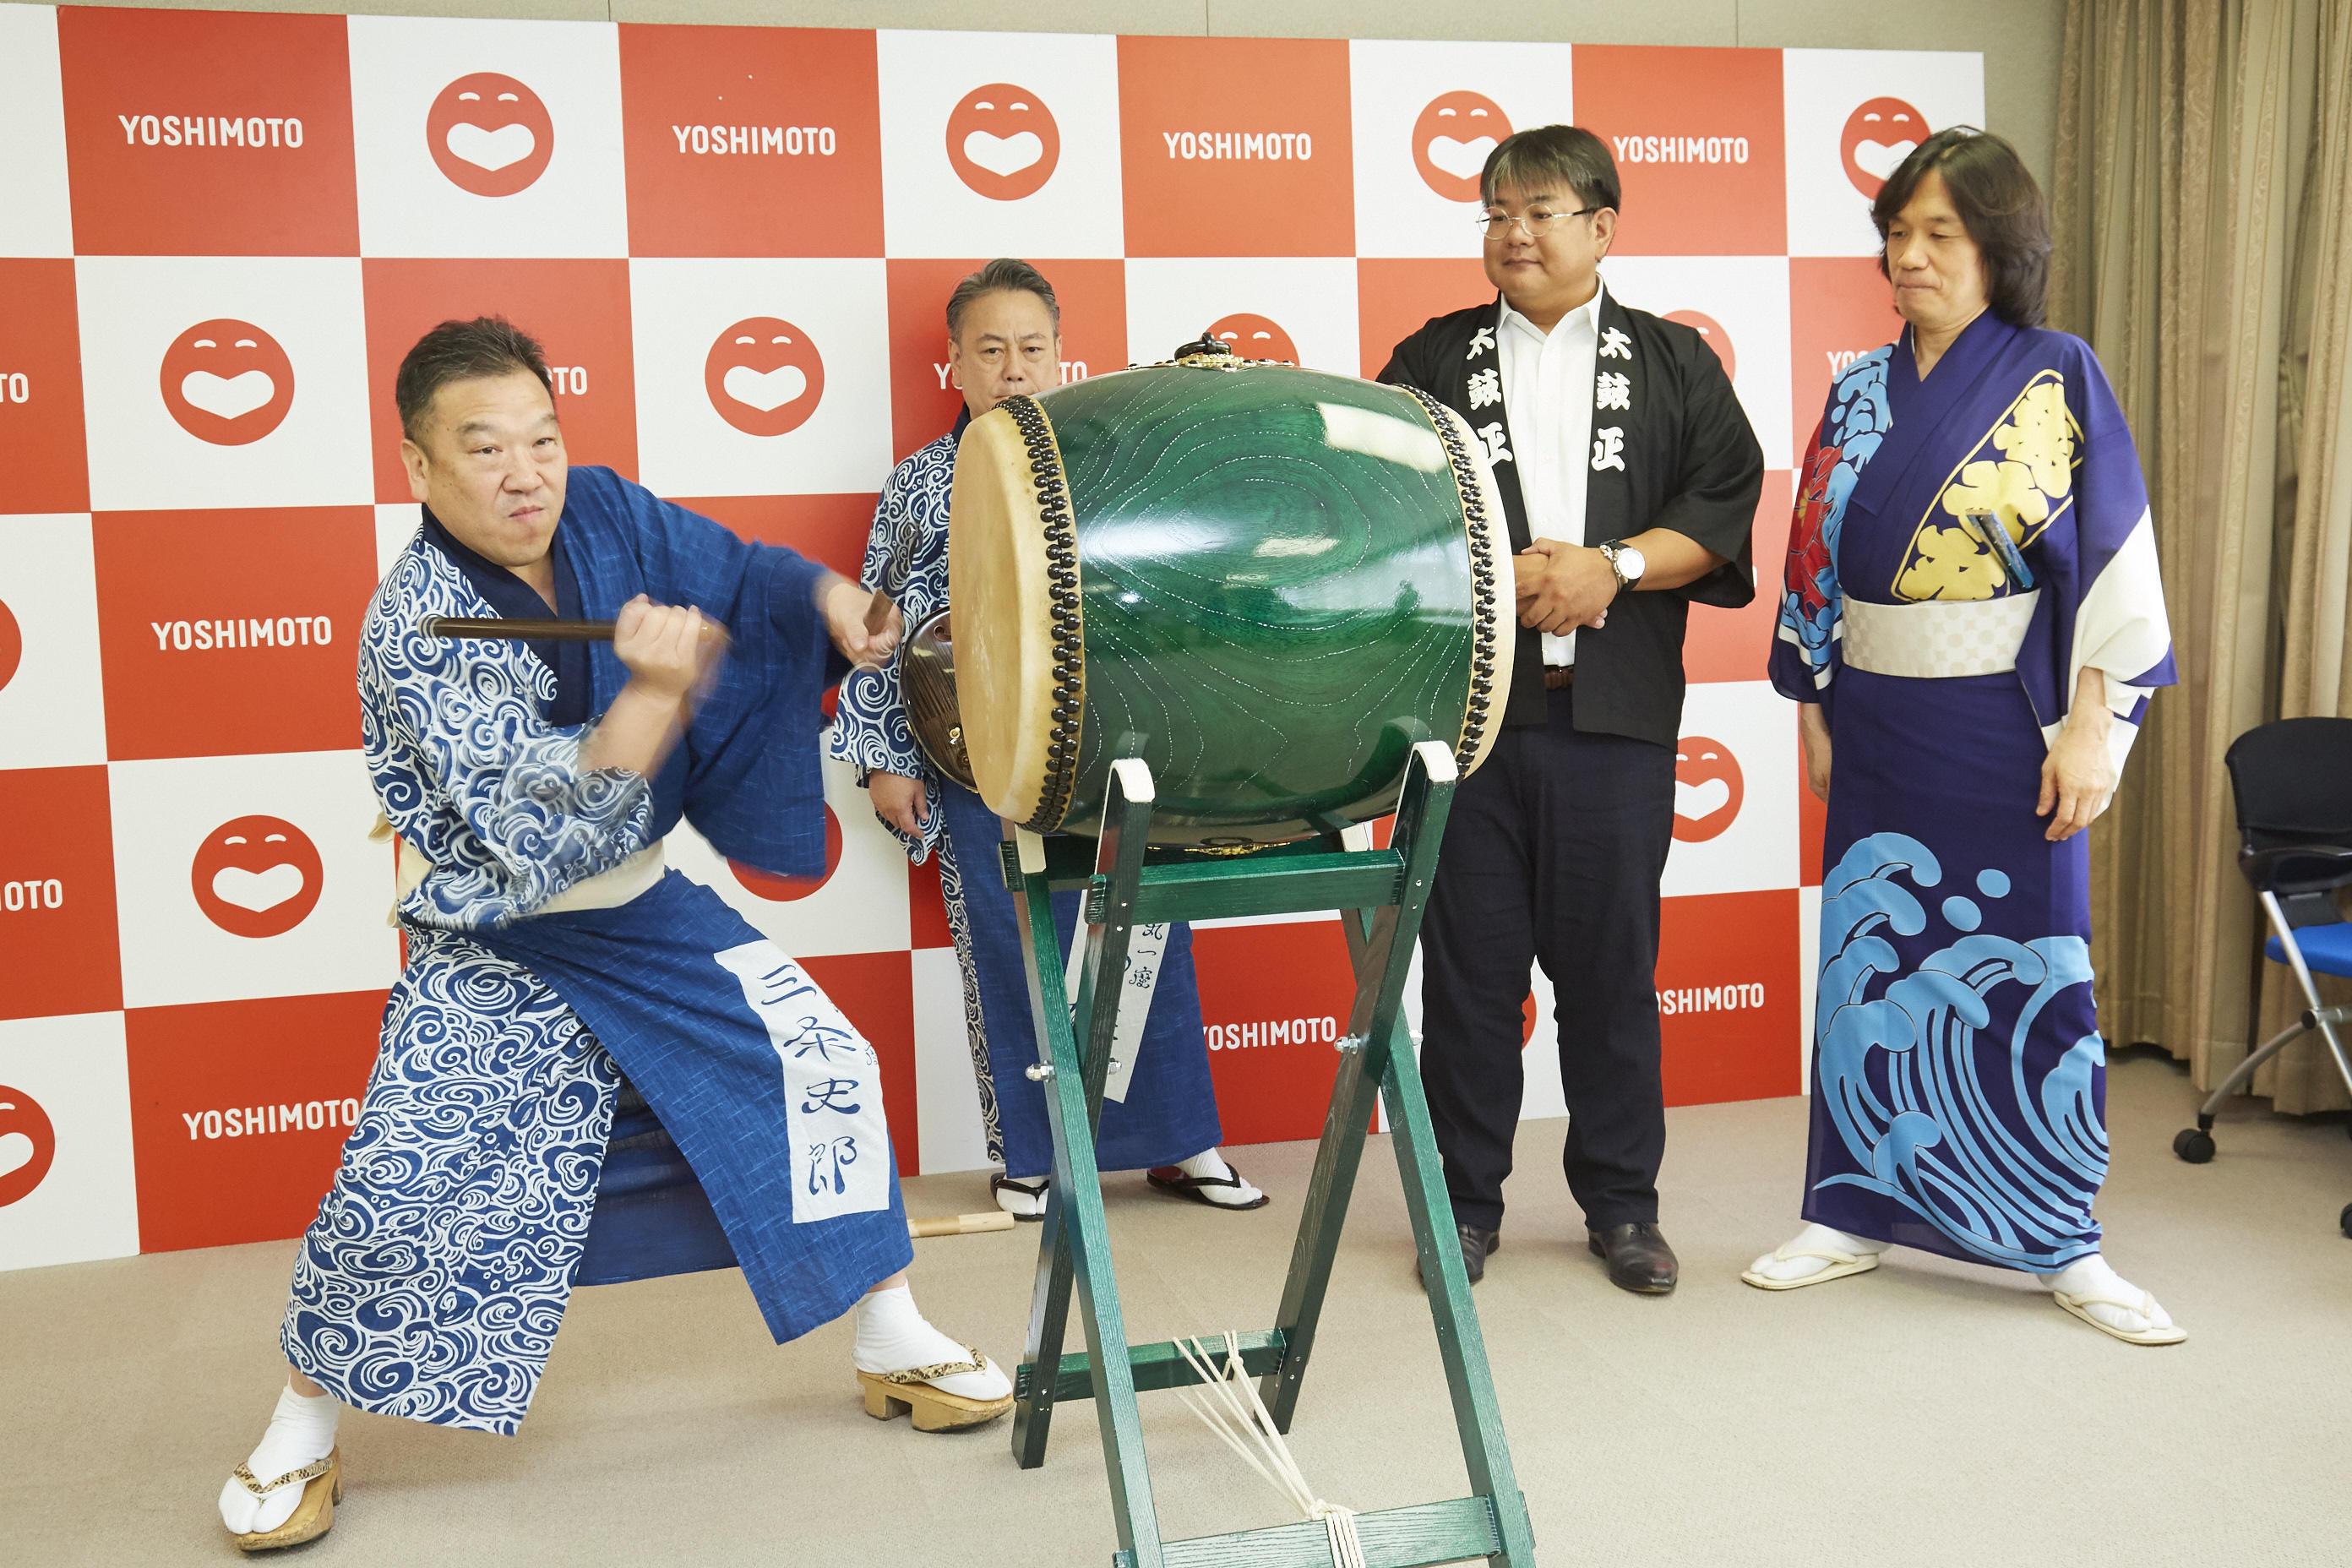 http://news.yoshimoto.co.jp/20180704193628-9f6b0fa14a217666d65e03ab2c4b9028c3d0b5cf.jpg